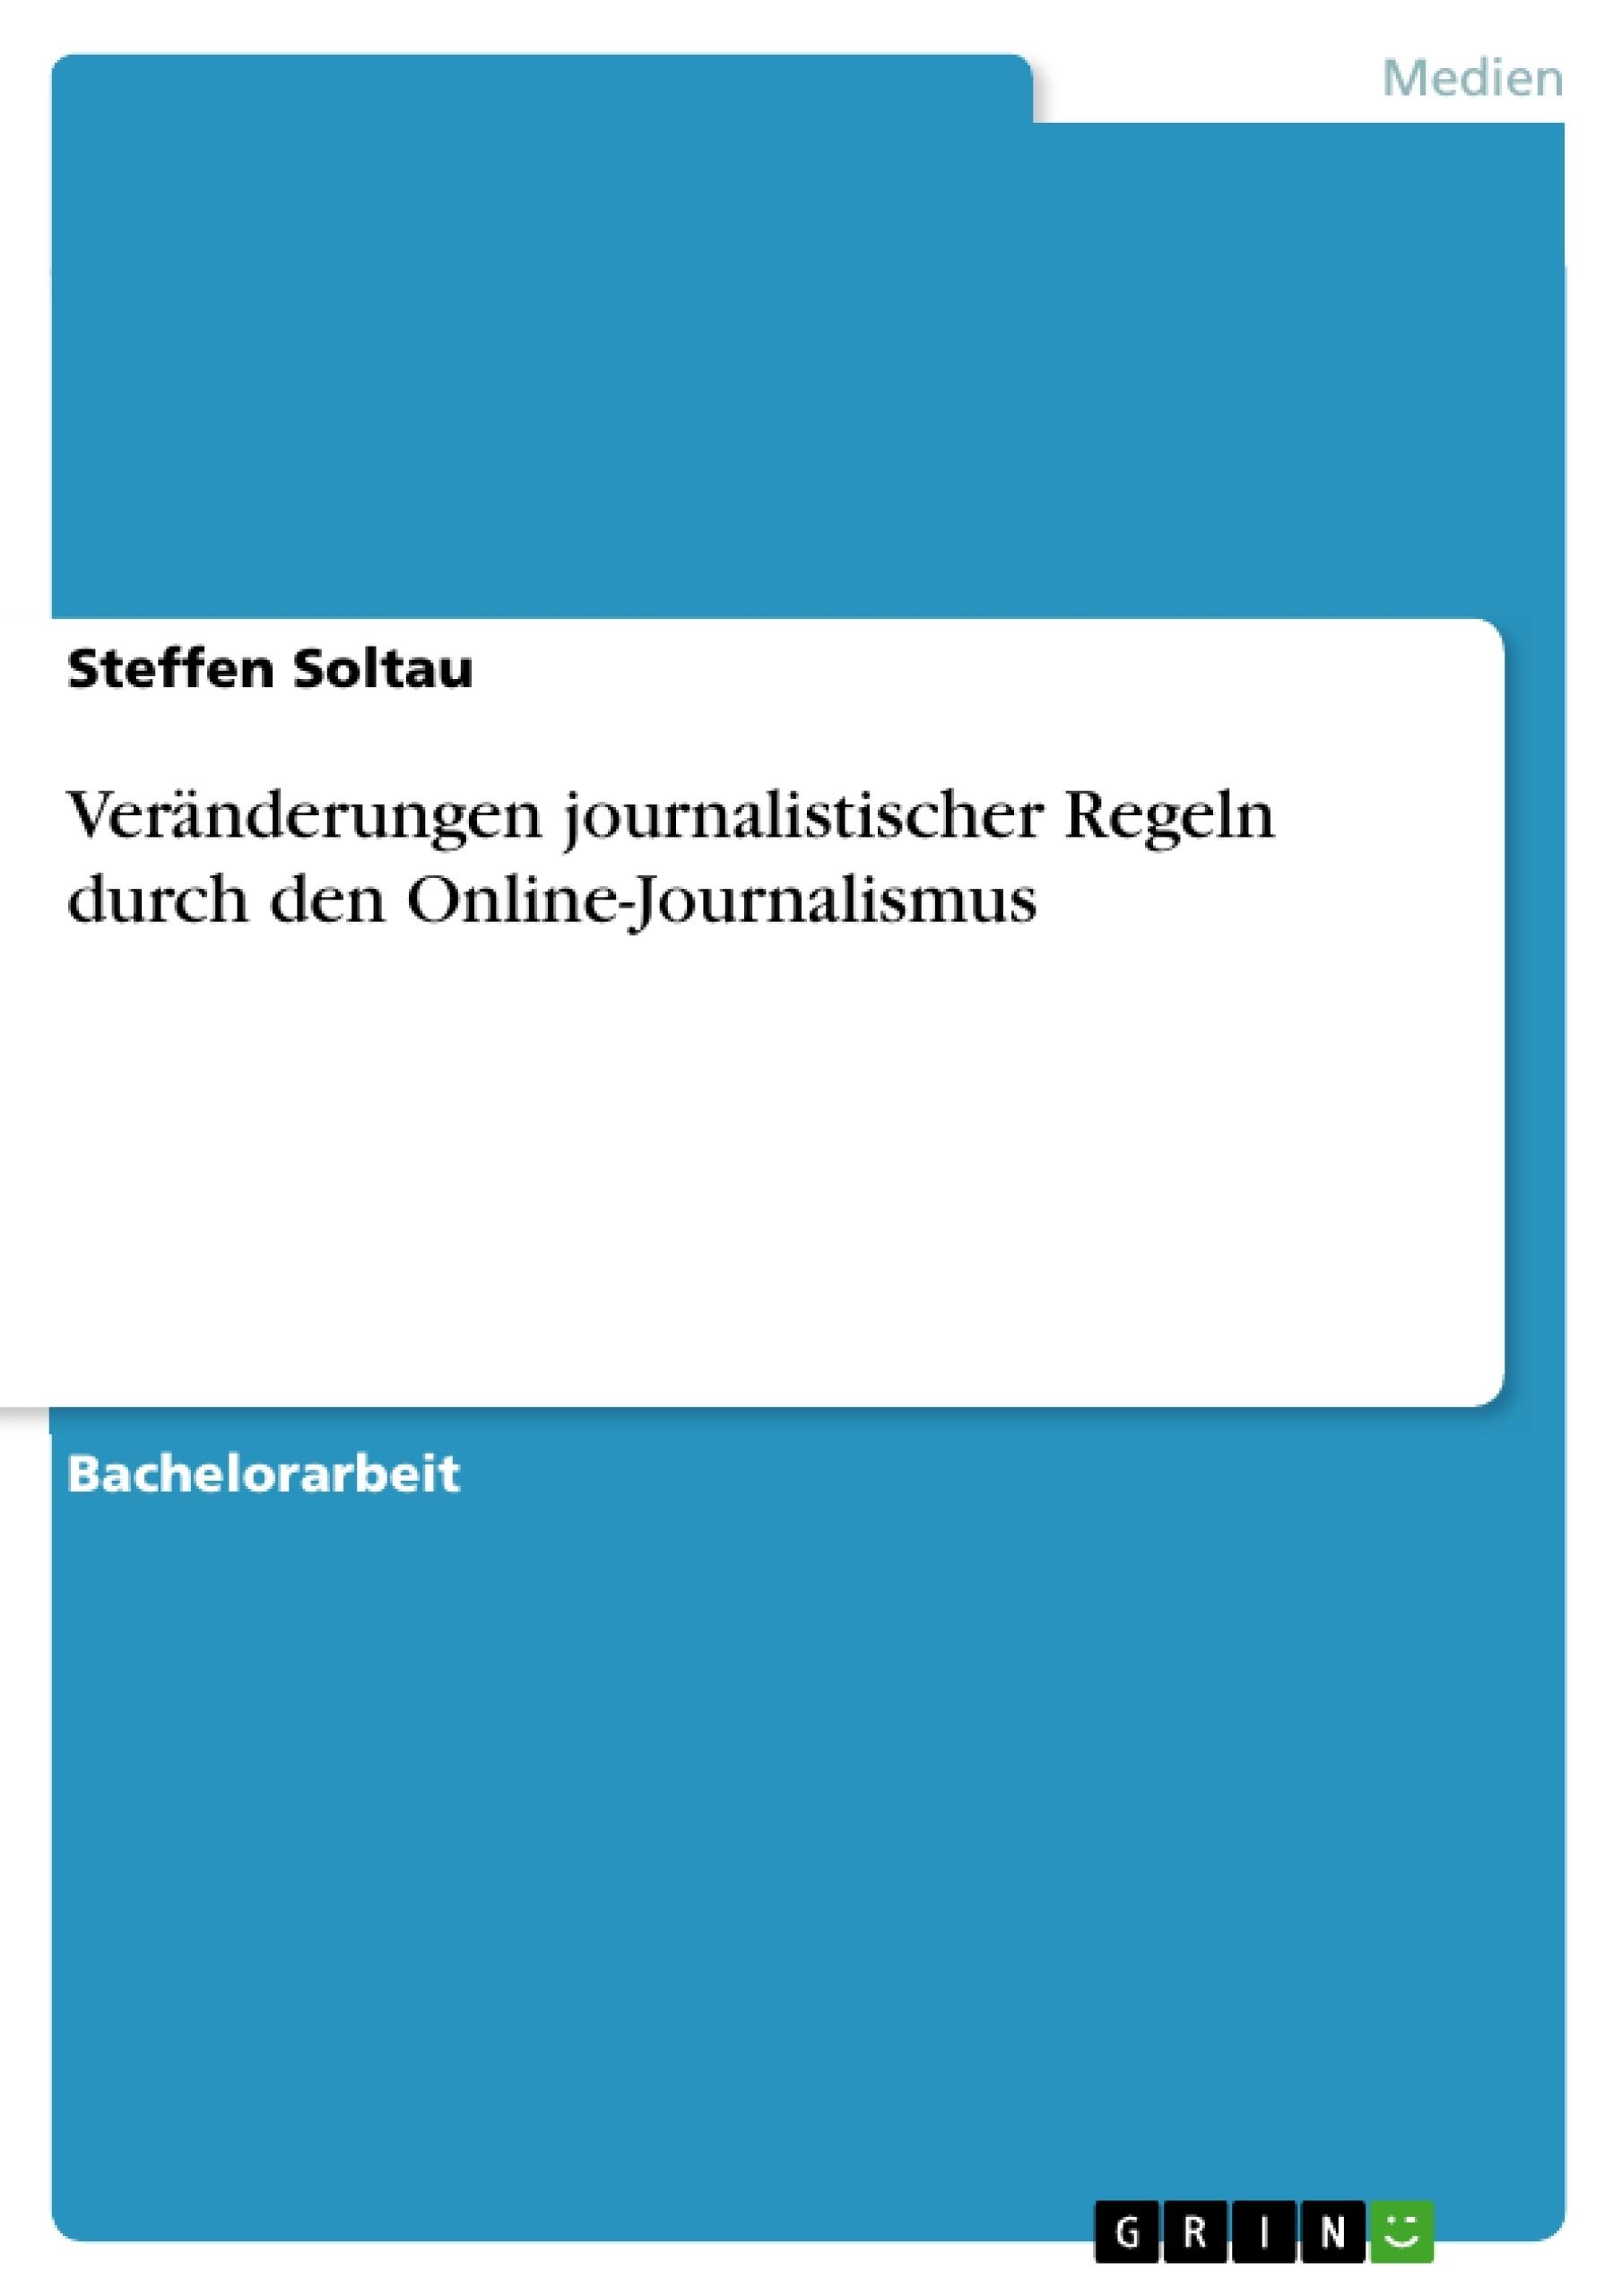 Titel: Veränderungen journalistischer Regeln durch den Online-Journalismus